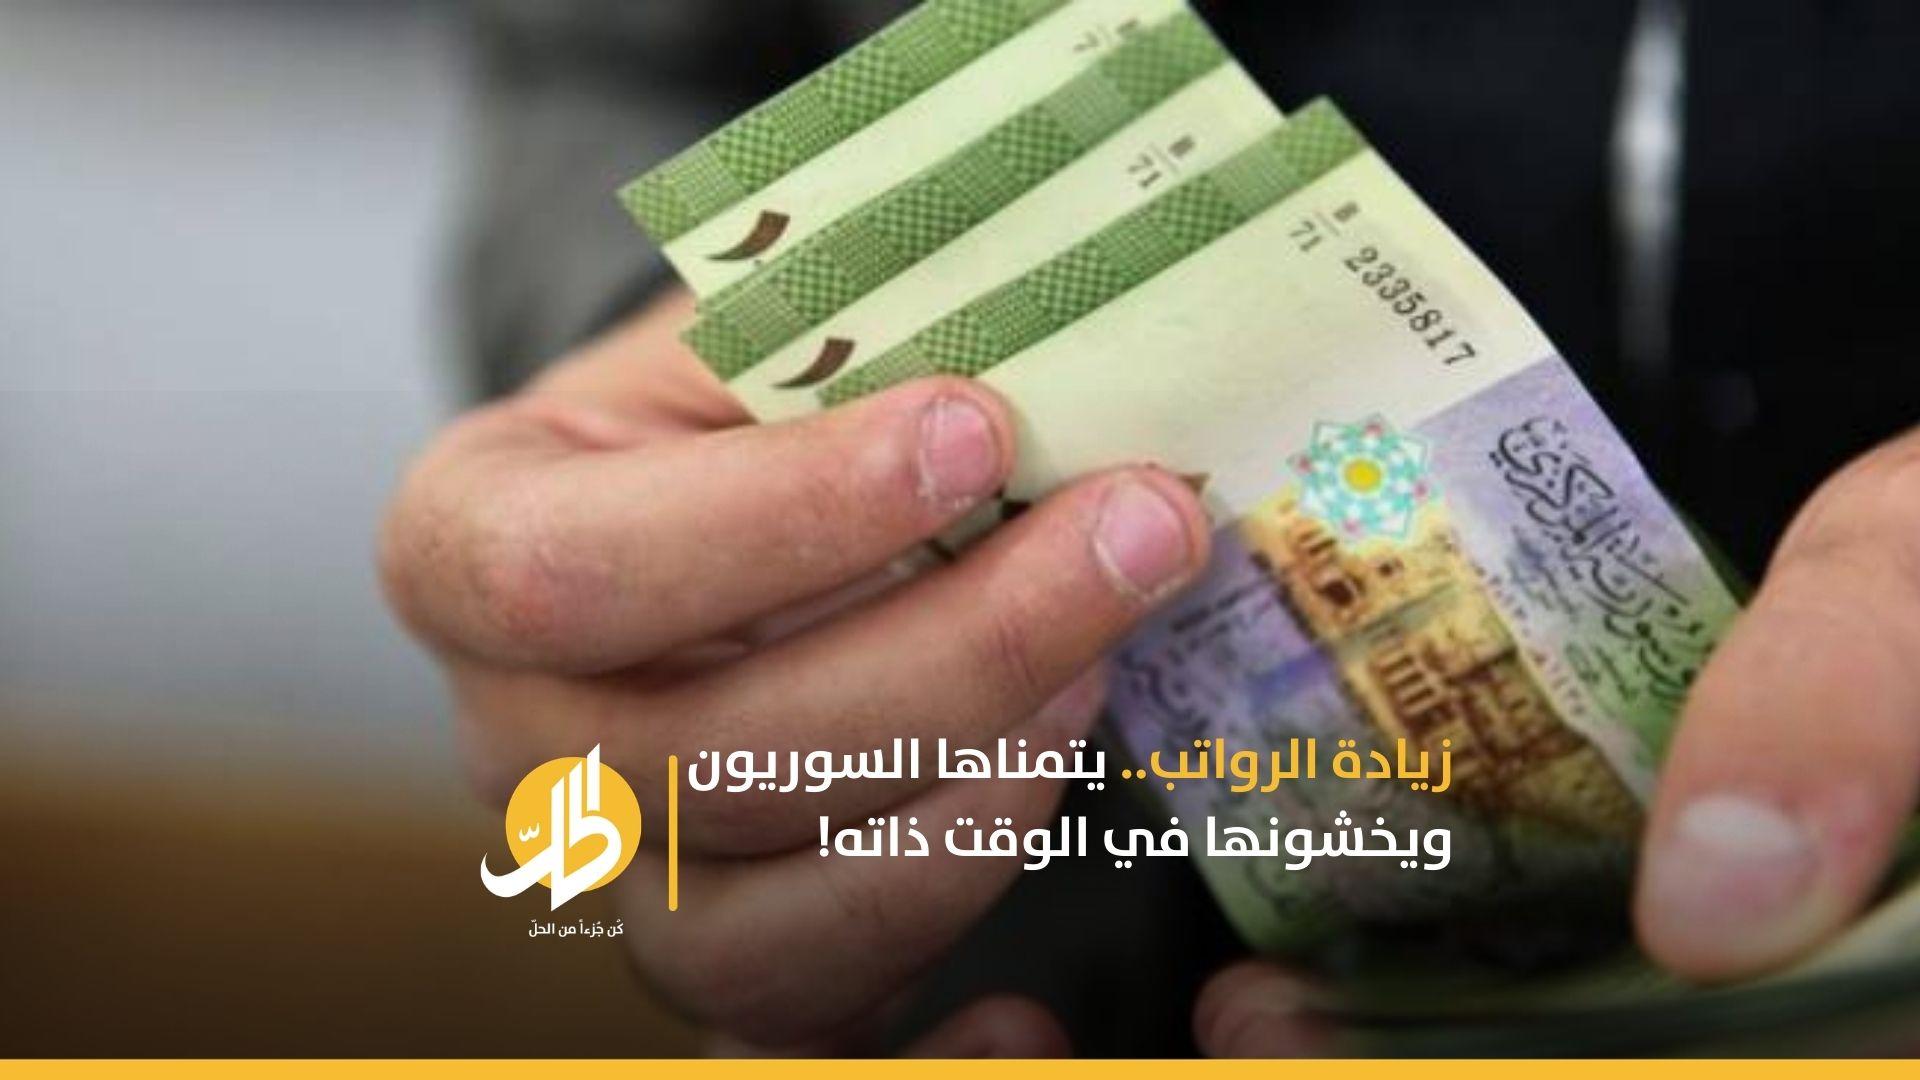 زيادة الرواتب.. يتمناها السوريون ويخشونها في الوقت ذاته!